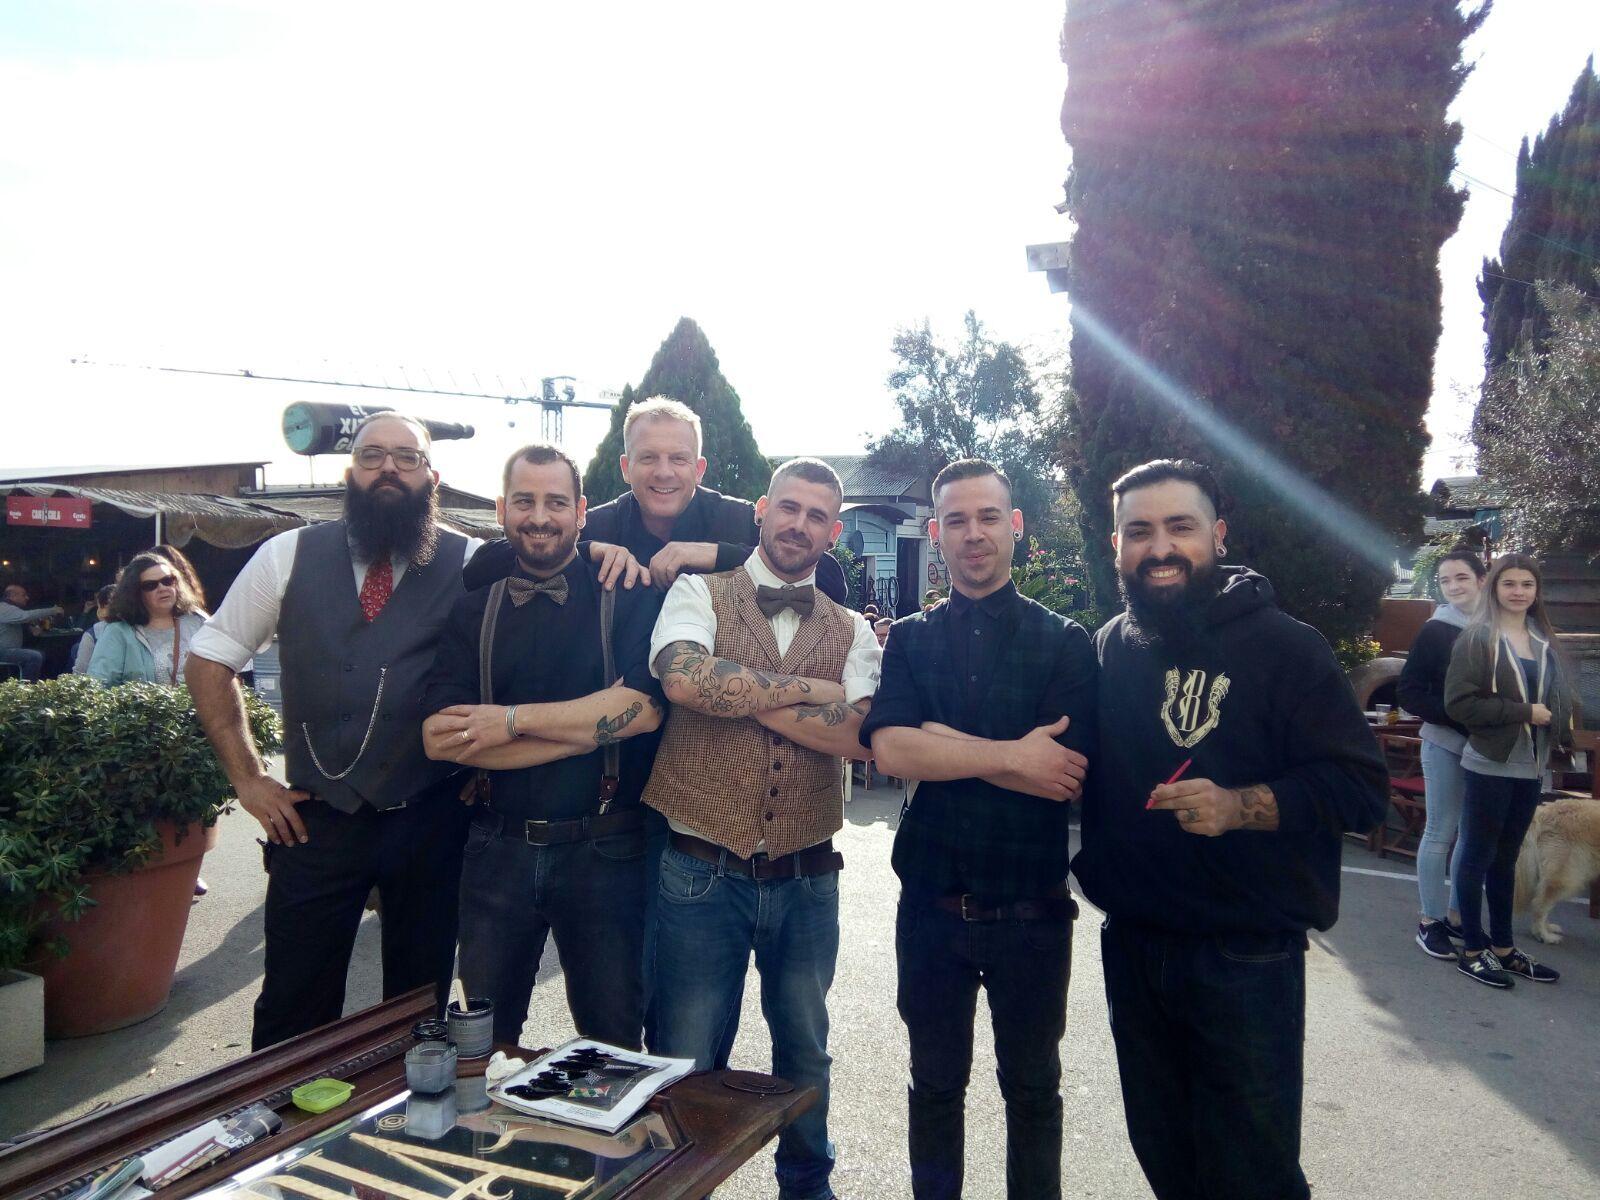 barista Guido con equipo barberia Sant Cugat www.tornadocafe.es